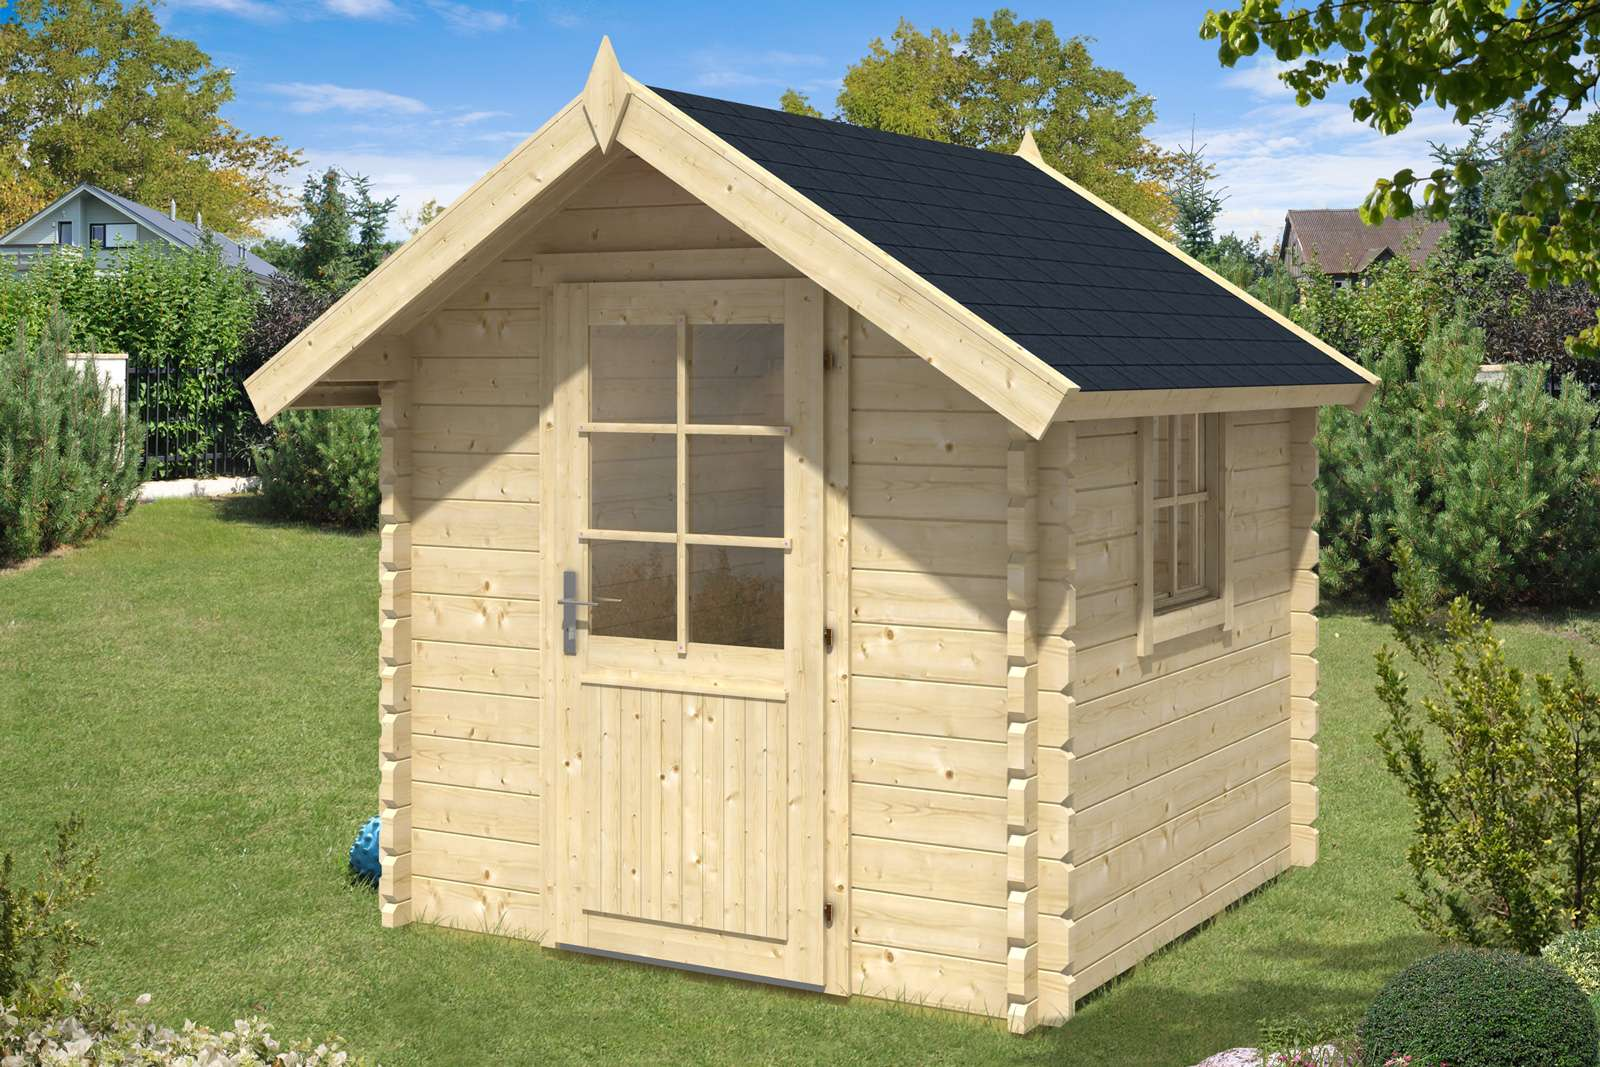 Gartenhaus kaufen: Bis 30.06. Holz-Gartenhaus bis zu -50%